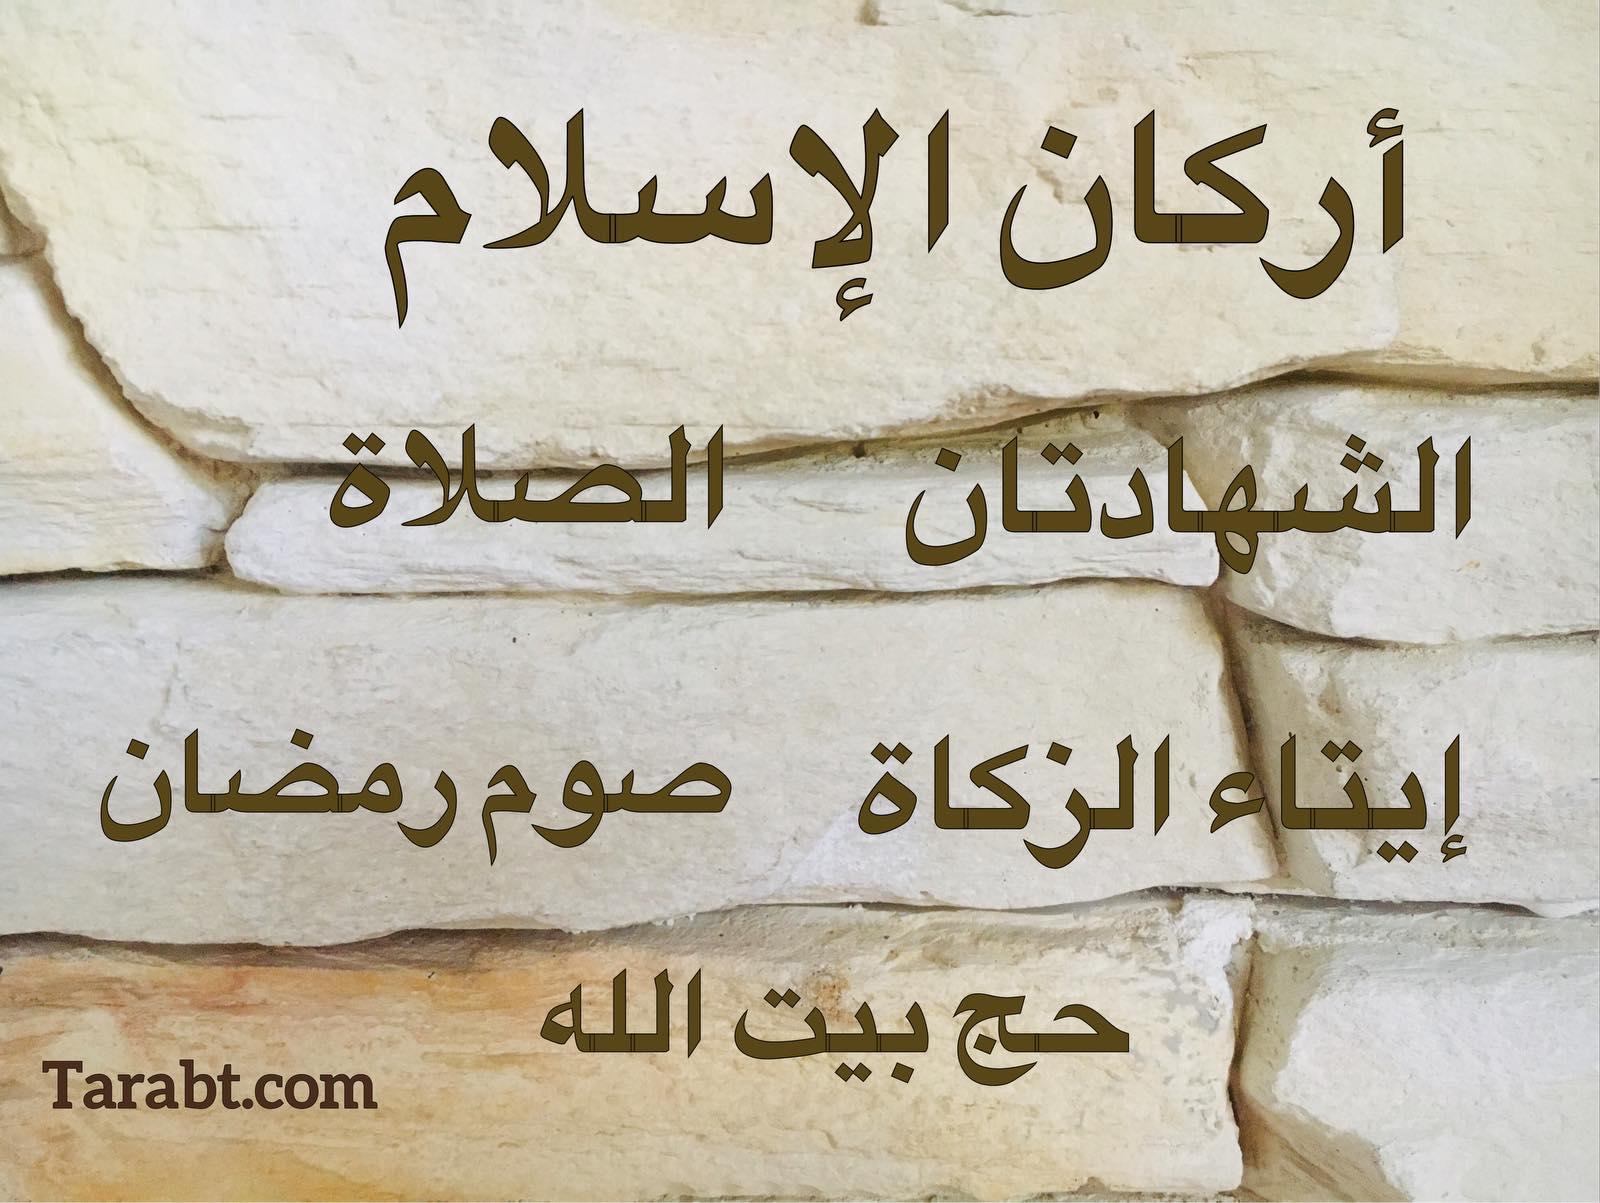 أكان الإسلام و الإيمان